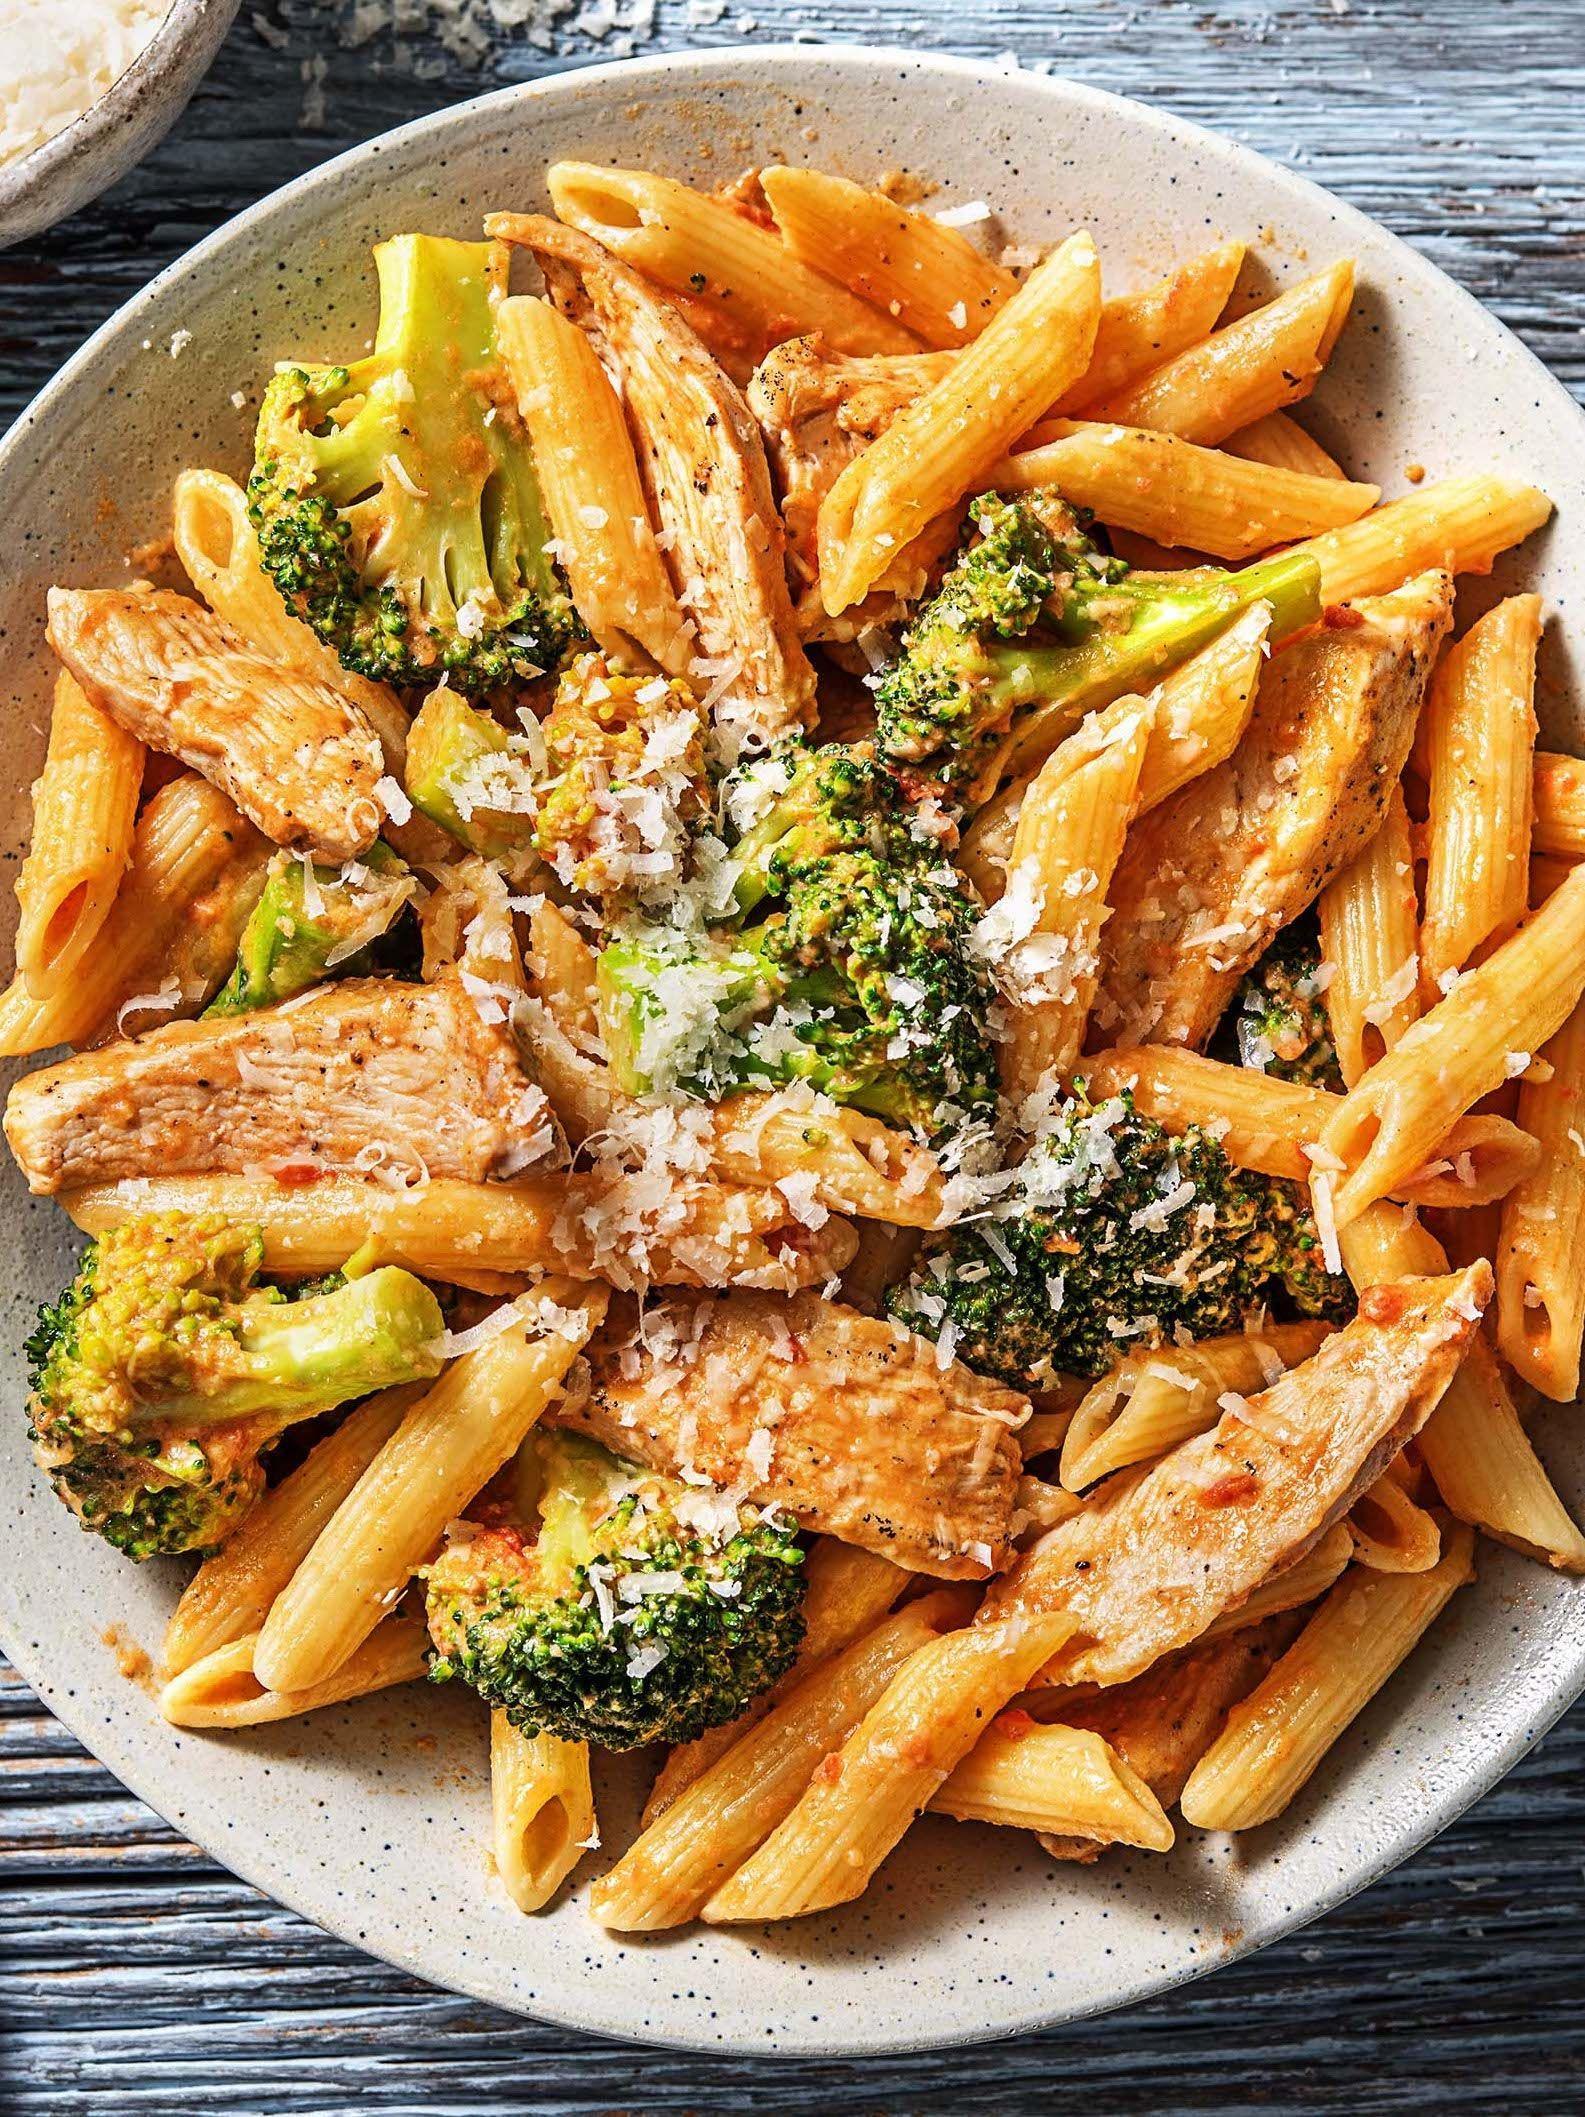 Blitzschnelle Pasta mit Hähnchen in Tomaten-Sahnesoße mit Brokkoli Rezept für: Blitzschnelle Pasta mit Hähnchen in Tomaten-Sahnesoße mit Brokkoli Pasta / Nudeln / Kochen / Essen / Ernährung / Lecker / Kochbox / Zutaten / Gesund / Schnell / Abendessen / Mittagessen / Sommer / Familienrezept / Kindergericht